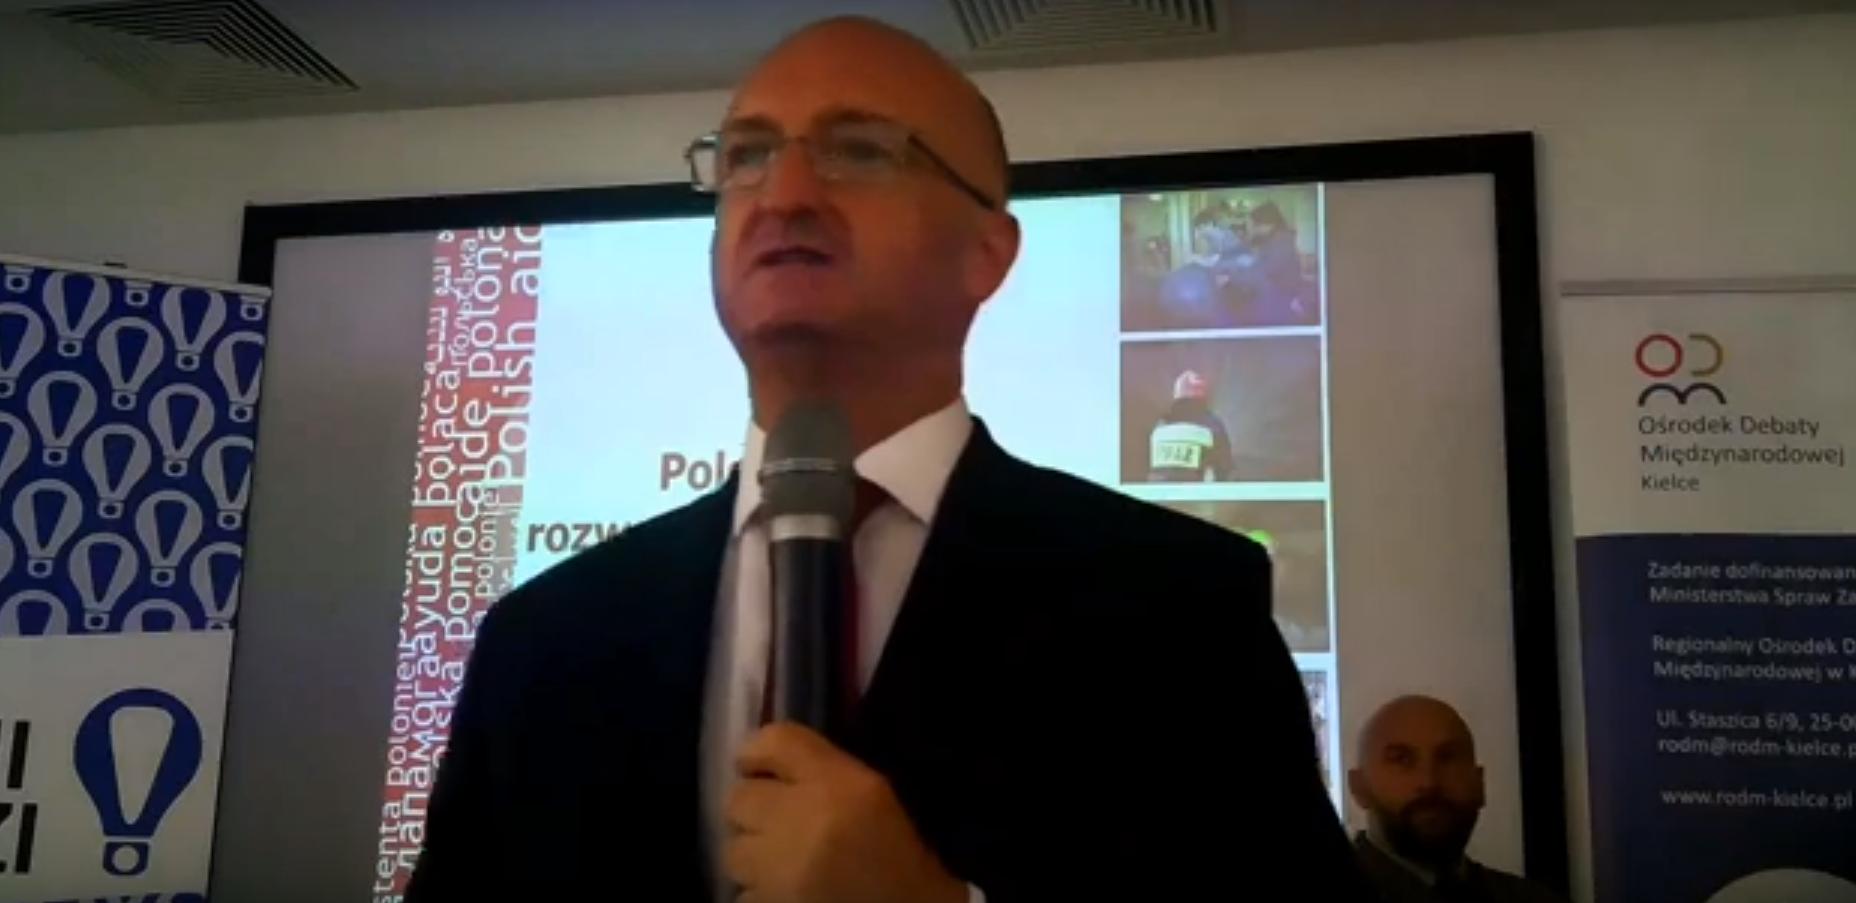 Polska pomoc humanitarna – zapis debaty